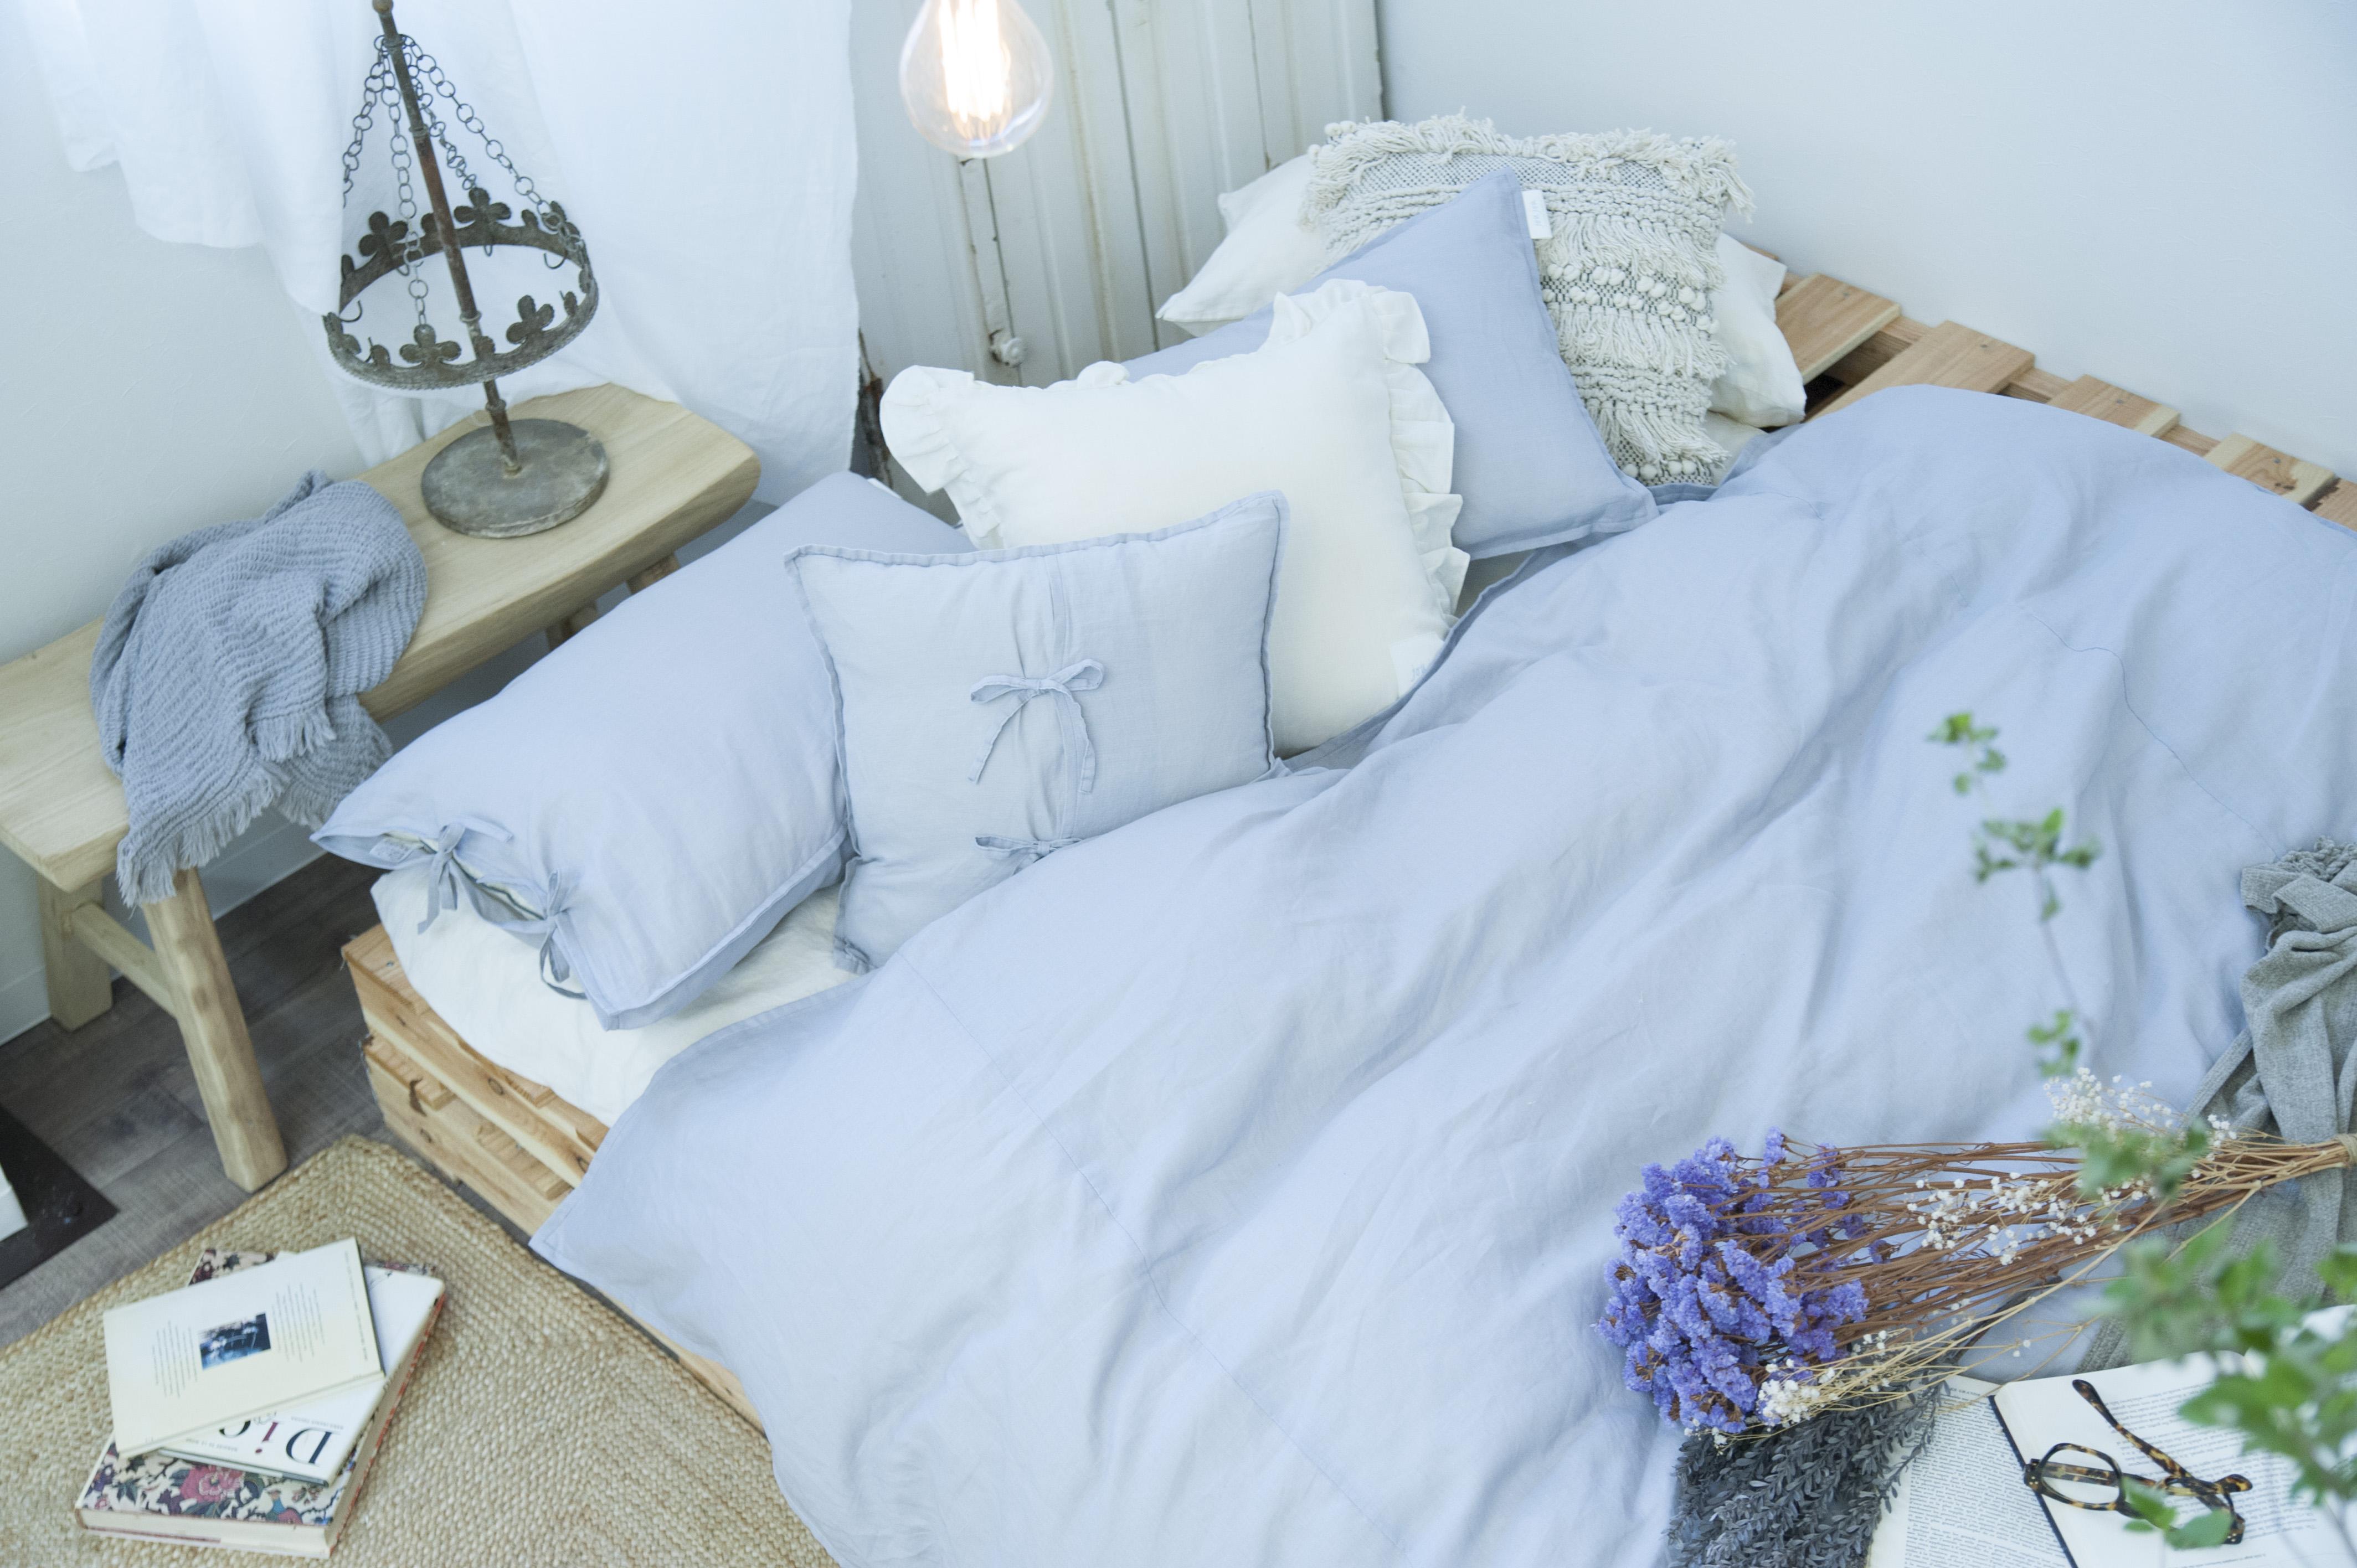 寝室 スタイリング 寝室 インテリア おしゃれ Styling03 ニュアンスカラーファブリックで甘辛寝室スタイリング